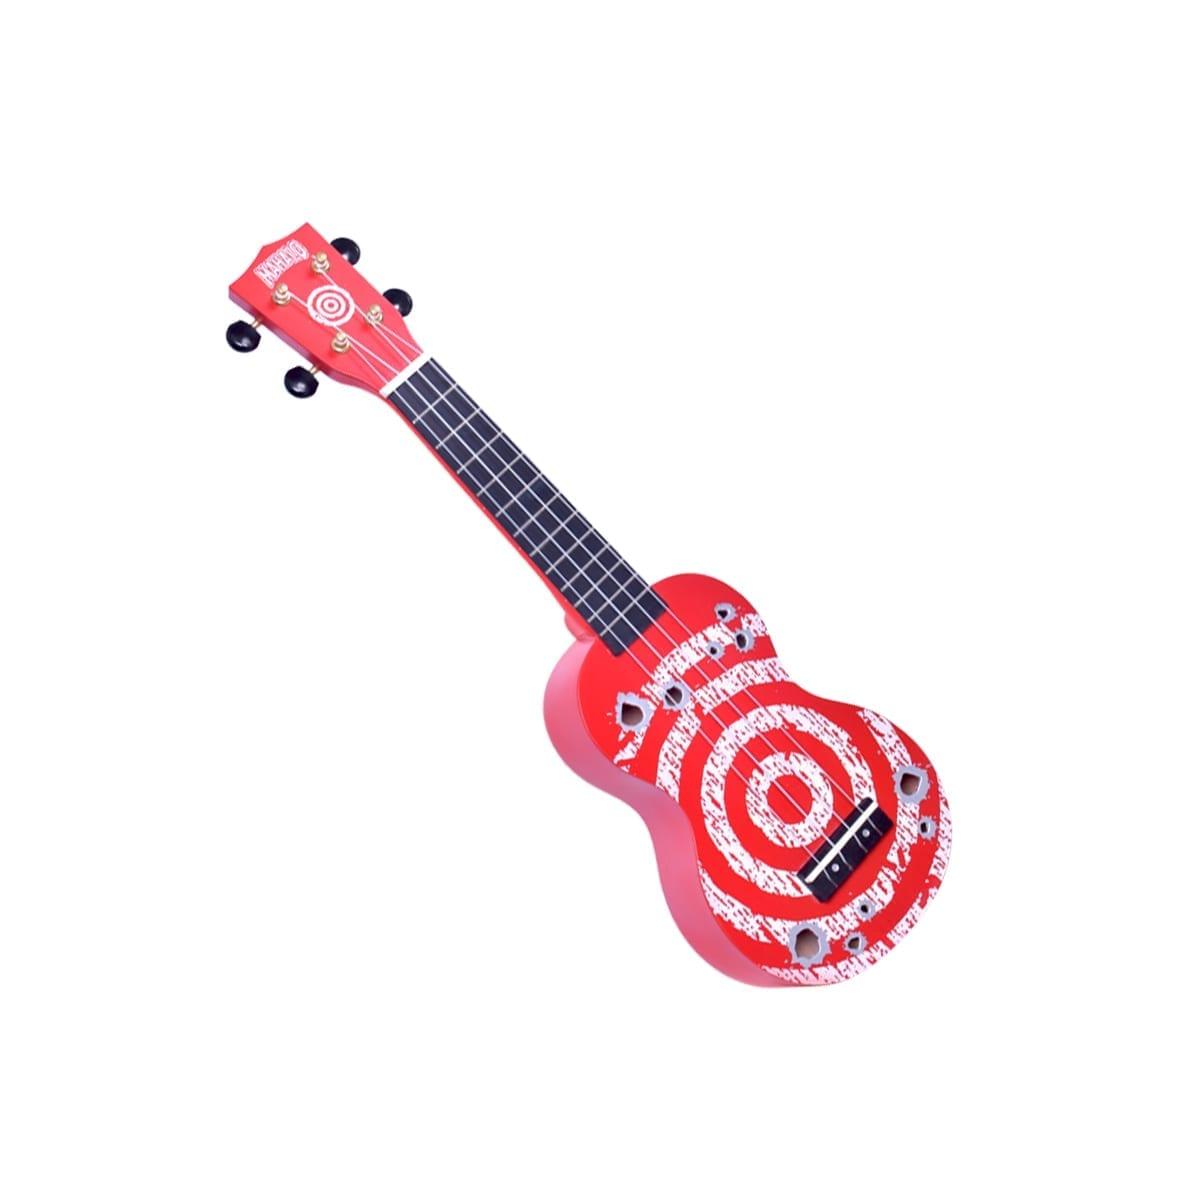 Mahaolo Target Soprano Ukulele - Red